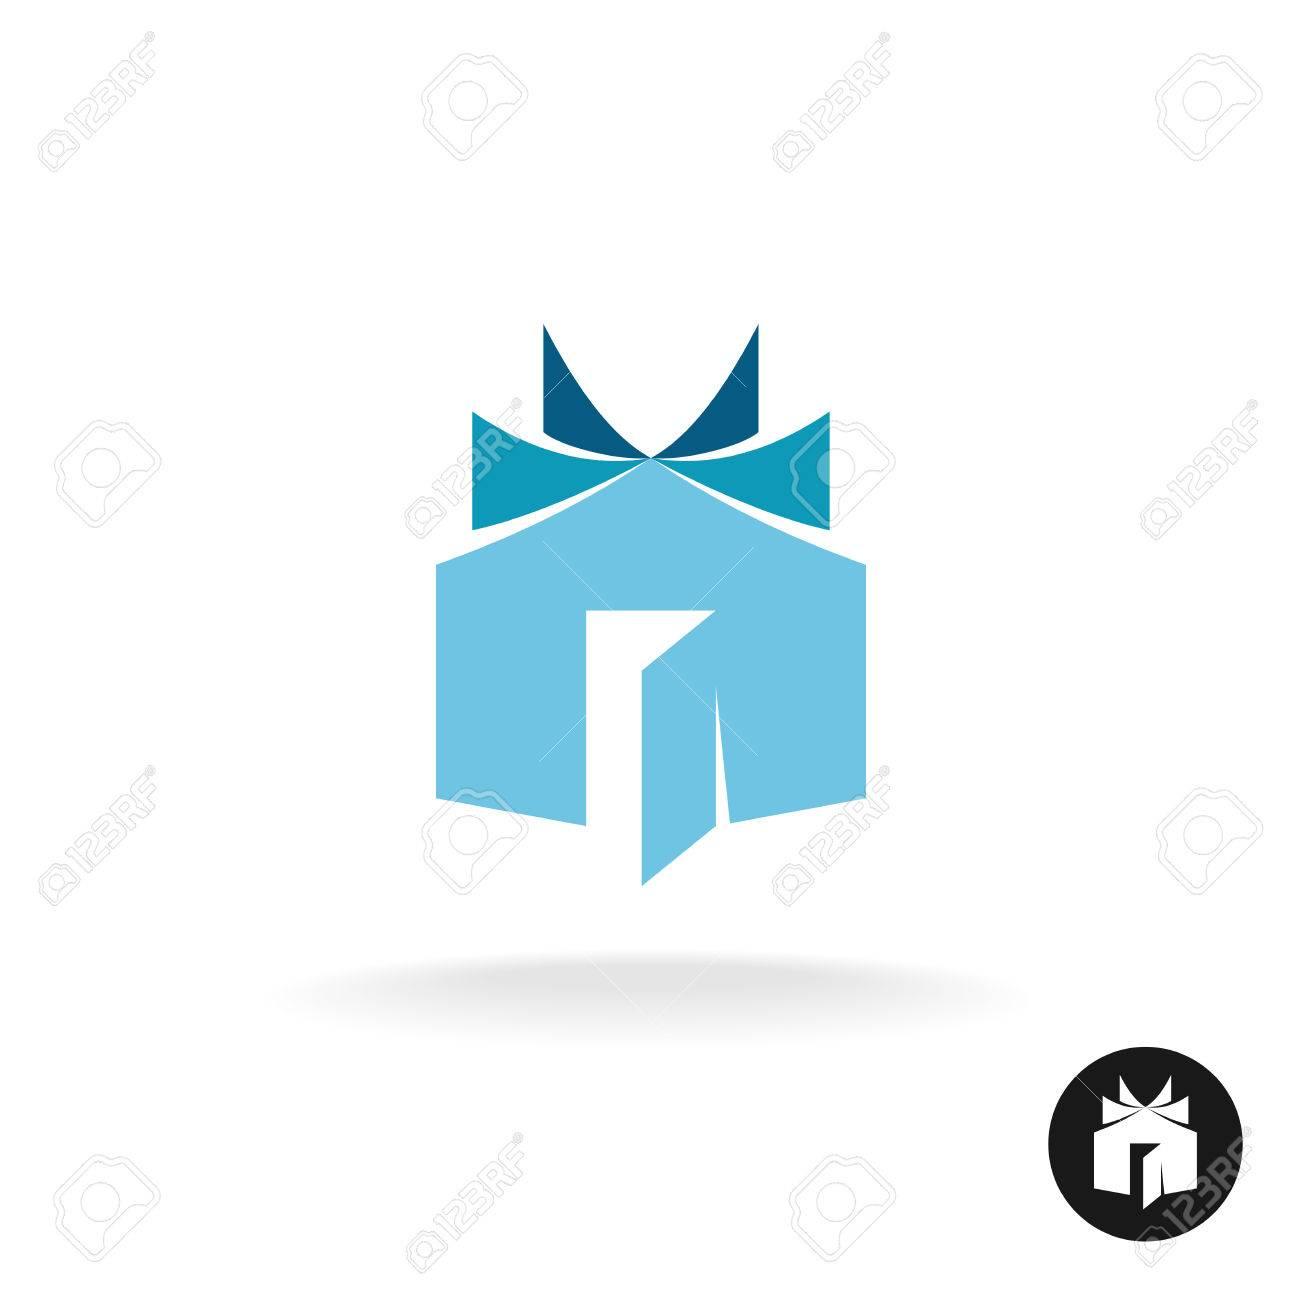 Bücher Haus Idee Symbol Vorlage. Haus Gebäude Mit Offenen Buch ...